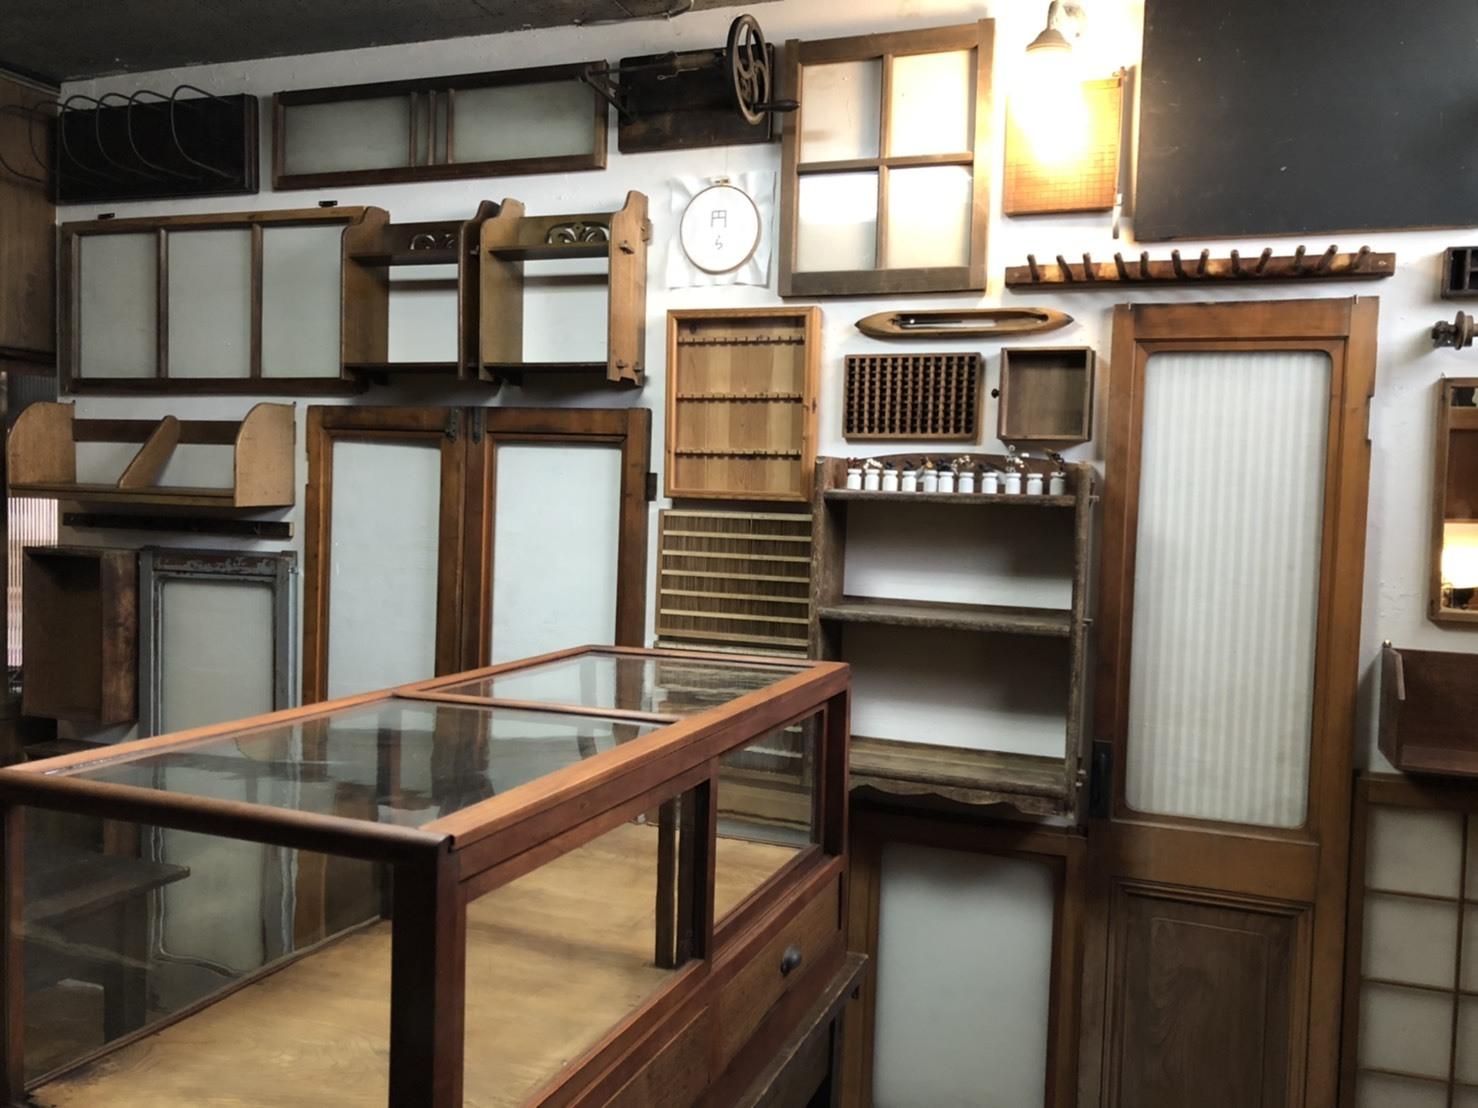 奈良「円ら」へ、刺し子をお届けするために。。。_f0354014_18065390.jpg